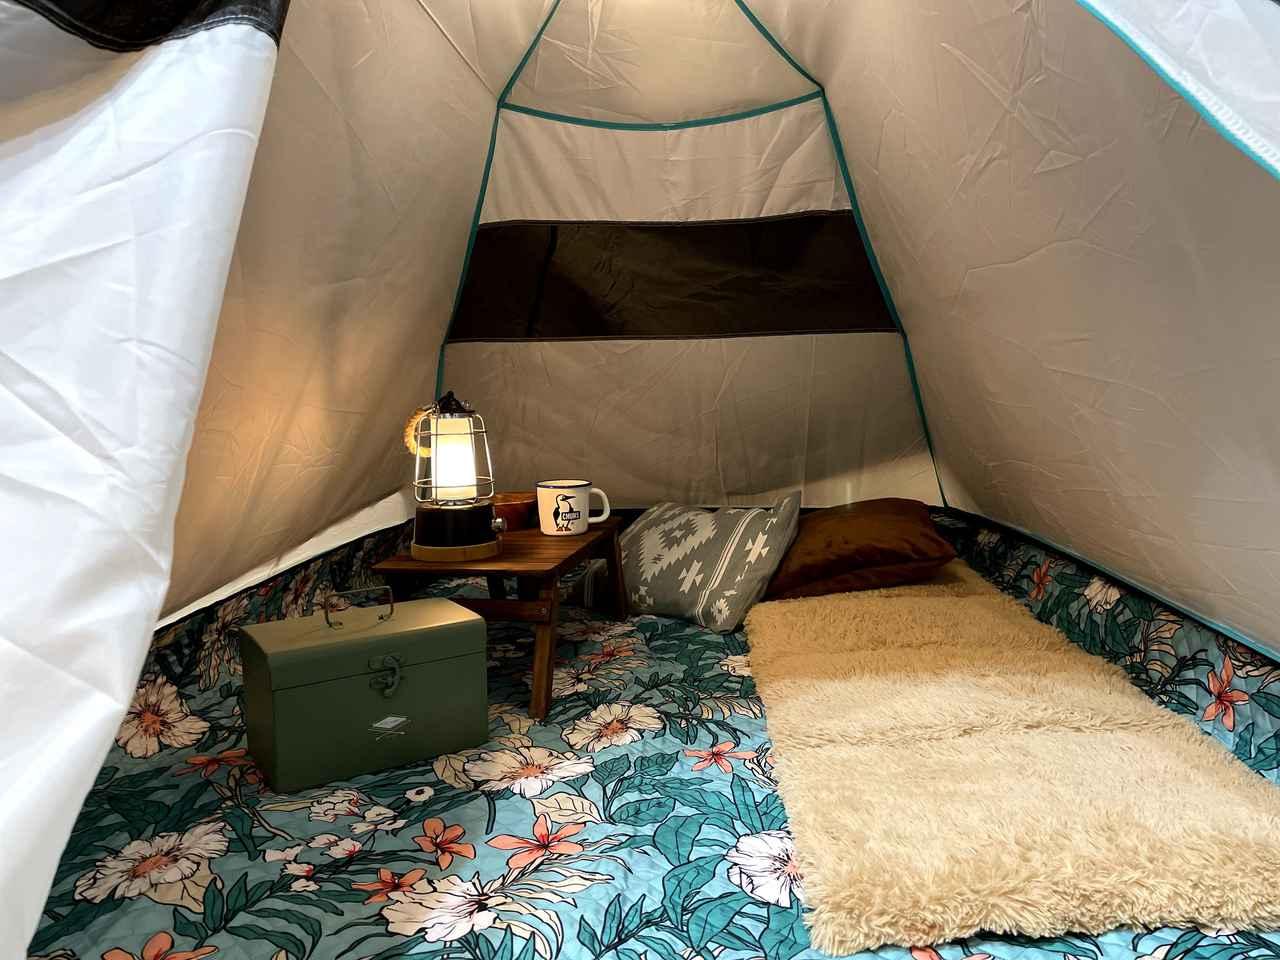 【おうち時間のリフレッシュ】小さめテントでおうちキャンプを楽しもう!